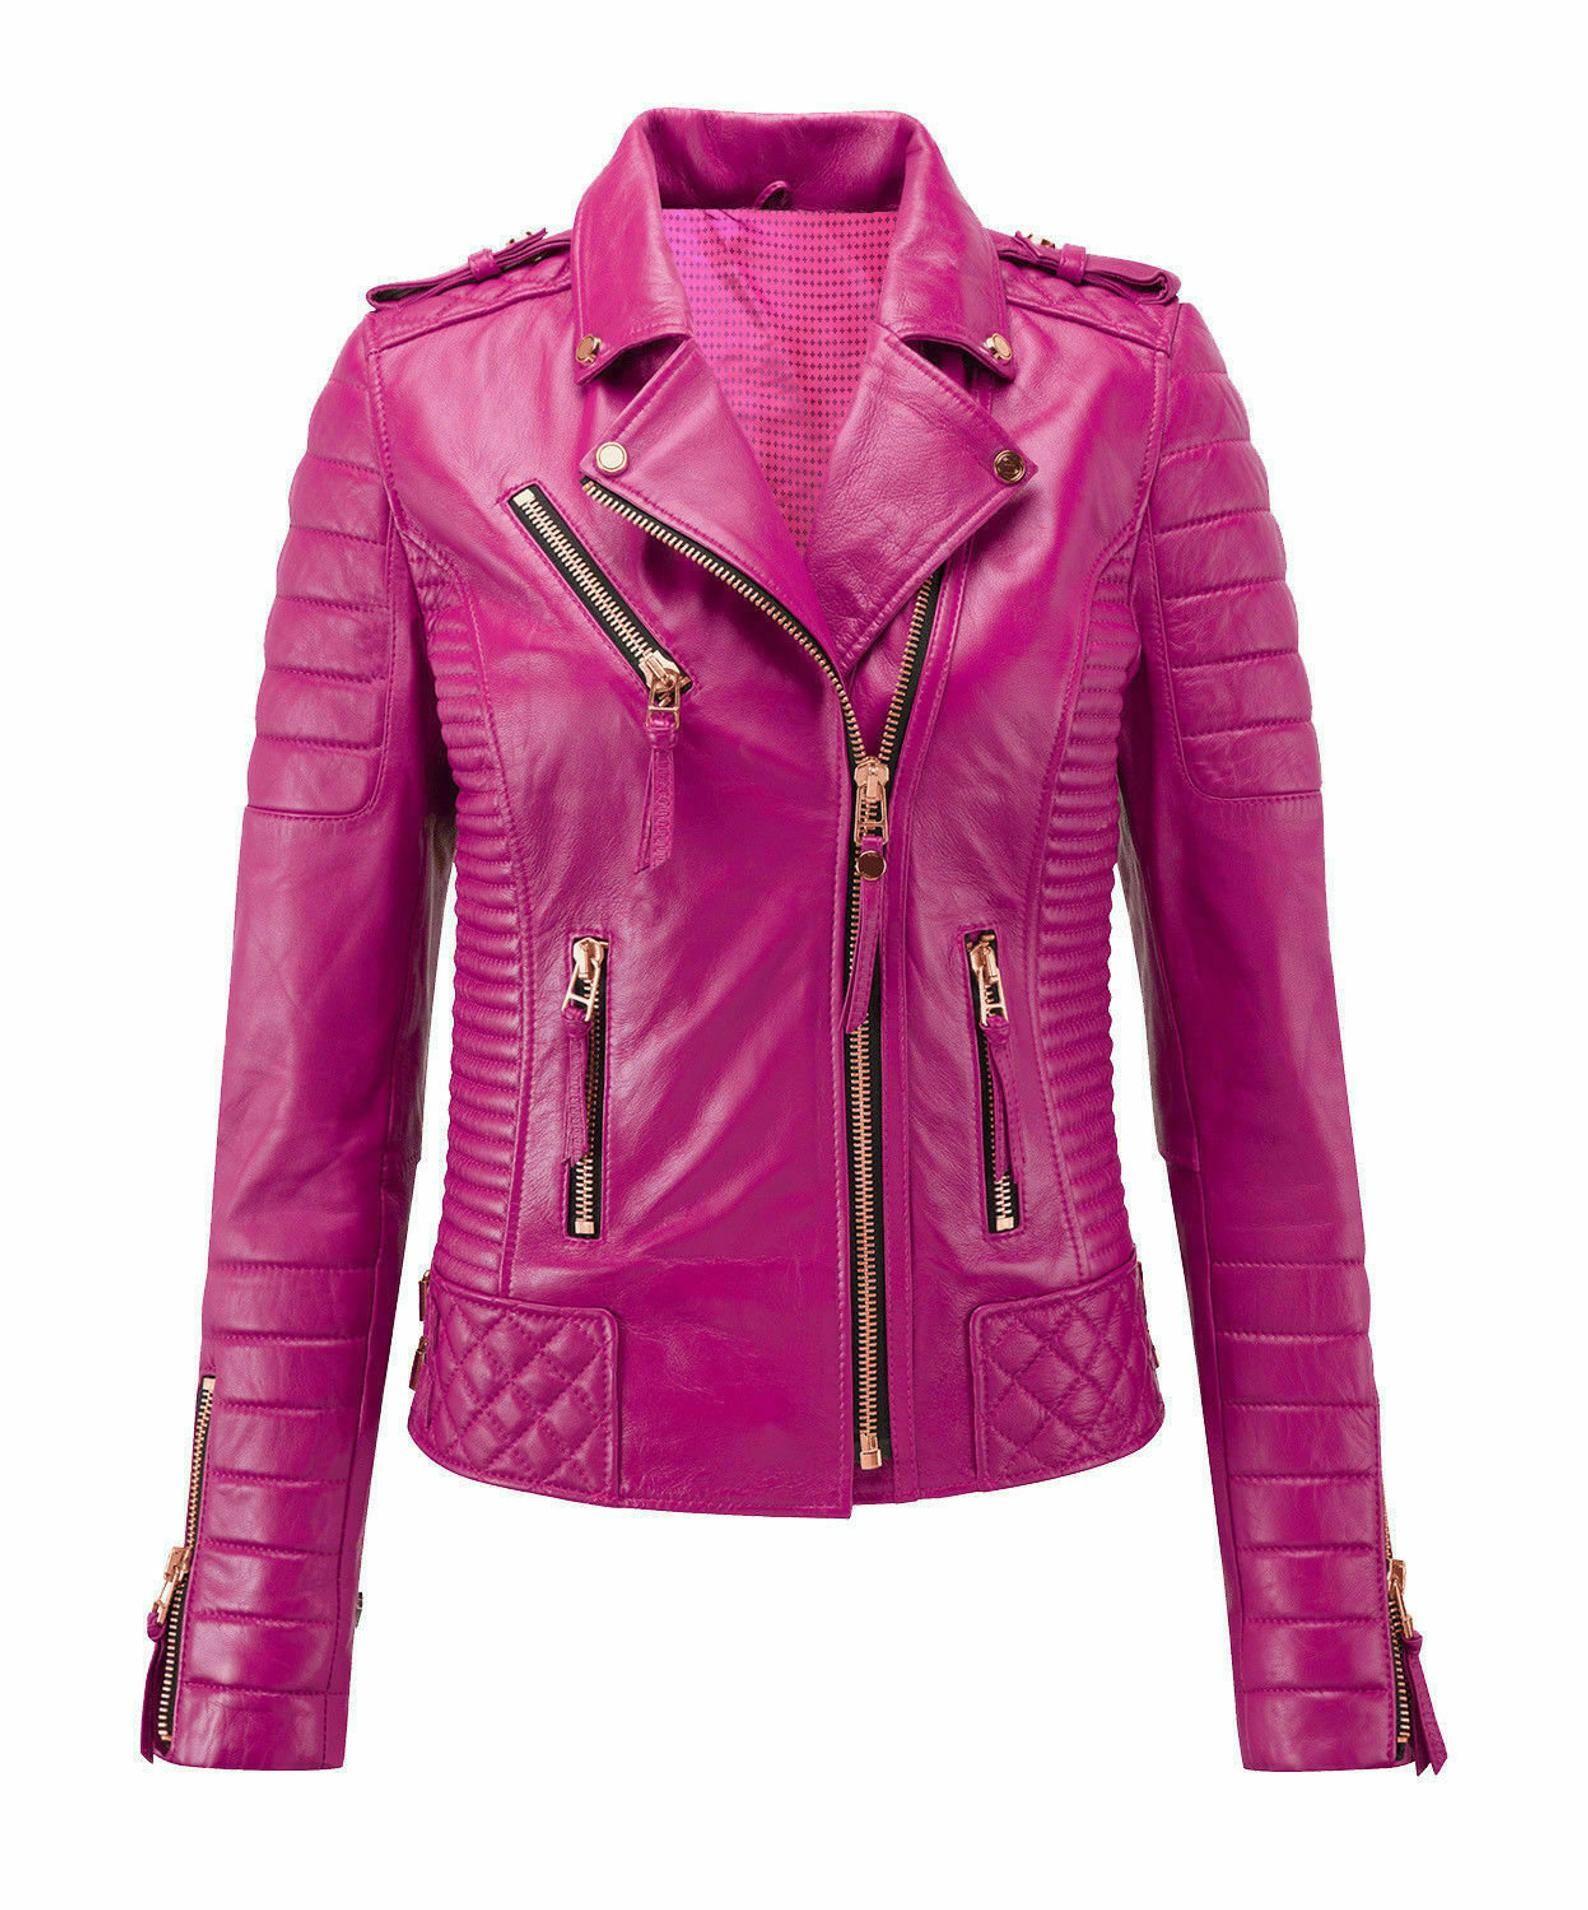 Women S Genuine Lambskin Leather Jacket Handmade Jacket Etsy Leather Jackets Women Leather Jacket Pink Leather Jacket [ 1910 x 1588 Pixel ]